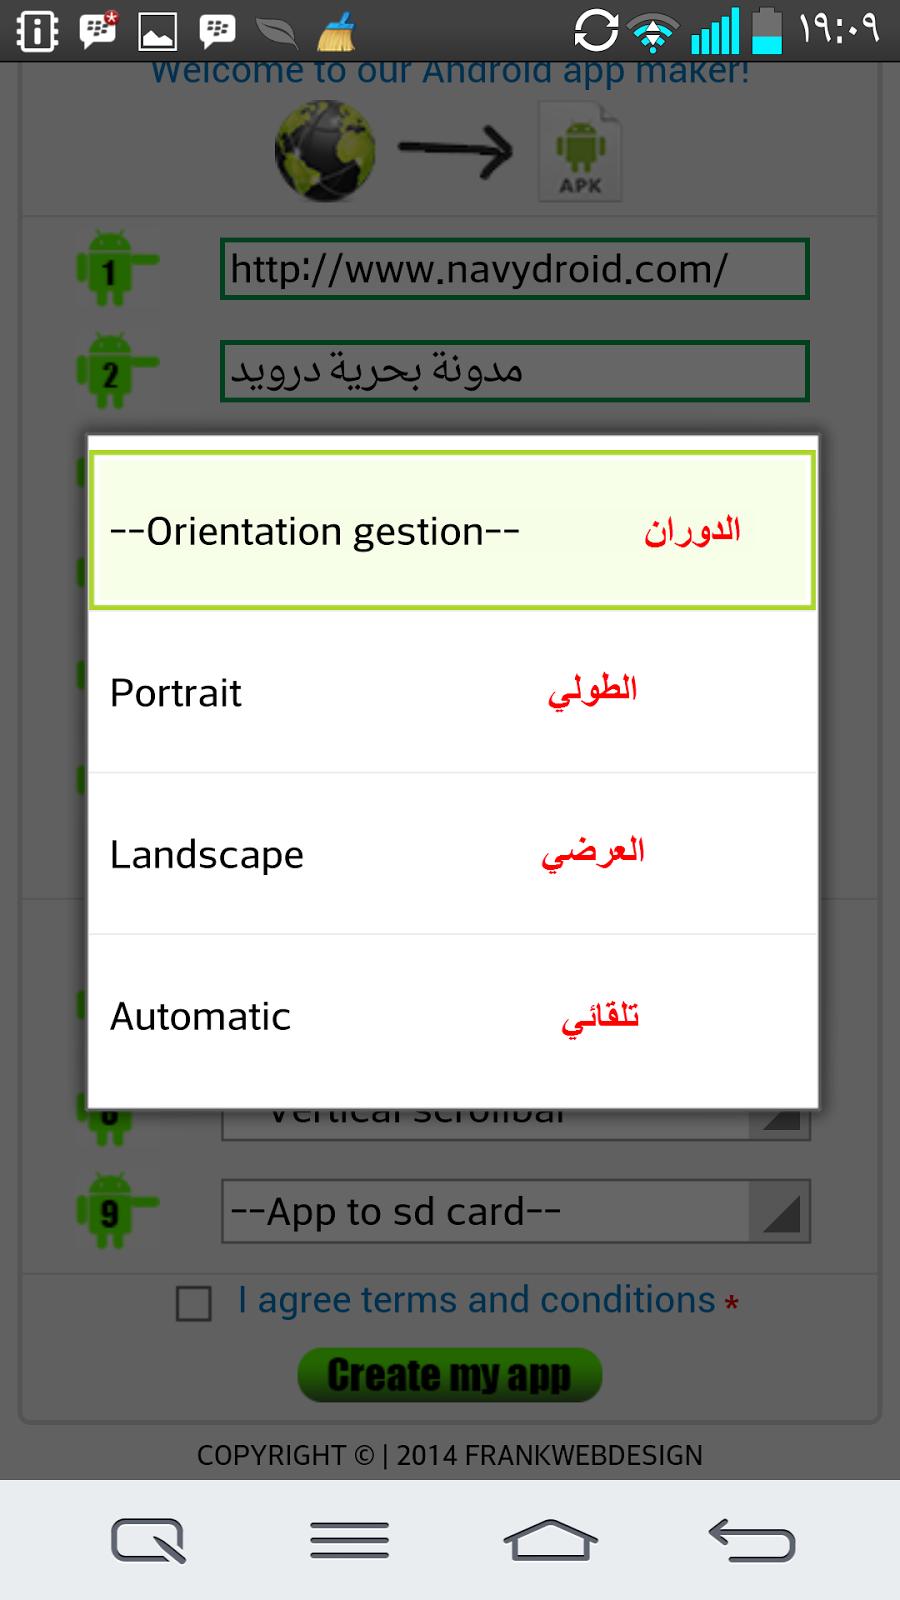 كيفية عمل تطبيق لموقعك على الاندرويد بأسهل طريقة والافضل على الاطلاق Screenshot_2014-02-07-19-09-34